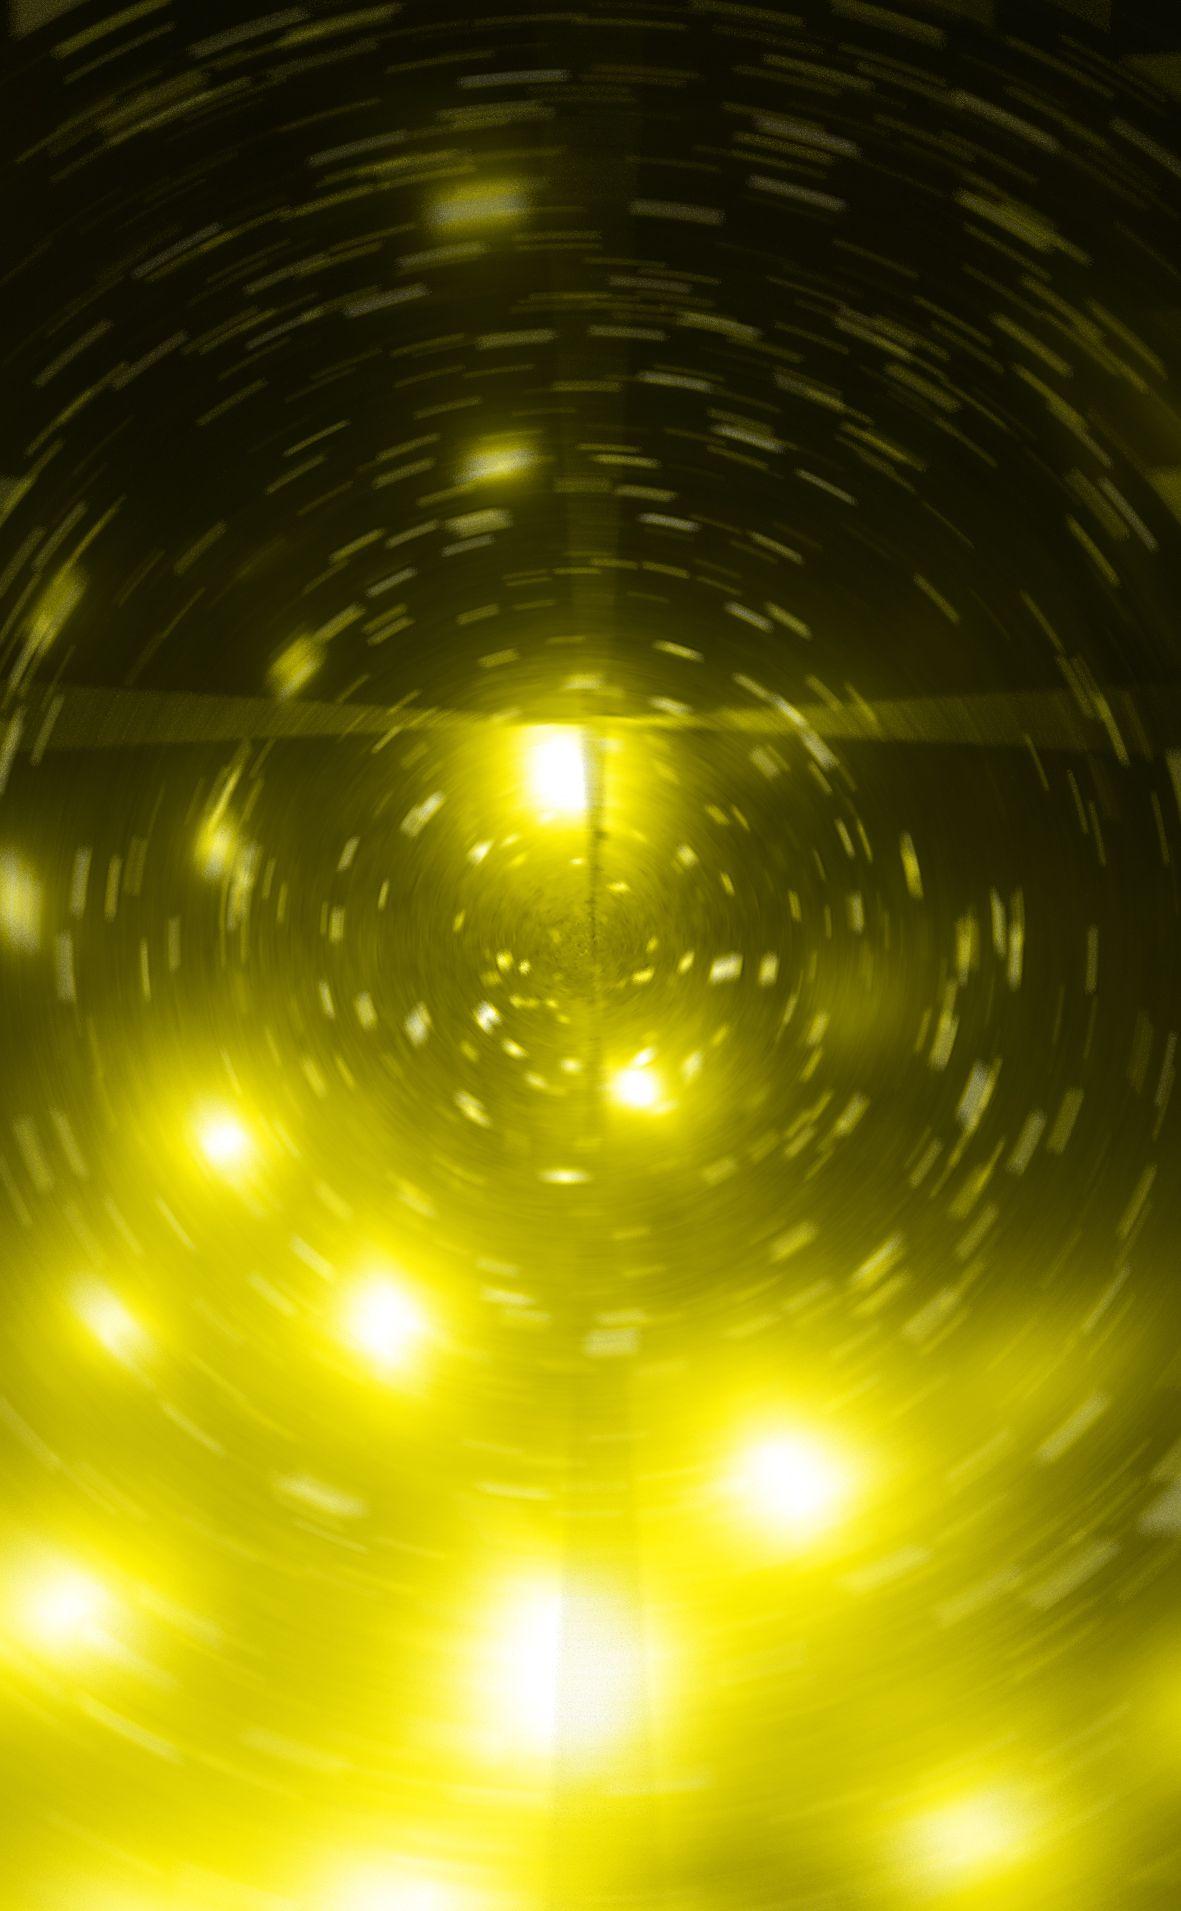 各樣美善的恩賜和各樣全備的賞賜都是從上頭來的,從眾光之父那裡降下來的,在他並沒有改變,也沒有轉動的影兒。(雅各書 1:17) Every desirable and beneficial gift comes out of heaven. The gifts are rivers of light cascading down from the Father of Light. There is nothing deceitful in God, nothing two-faced, nothing fickle. (James 1:17)